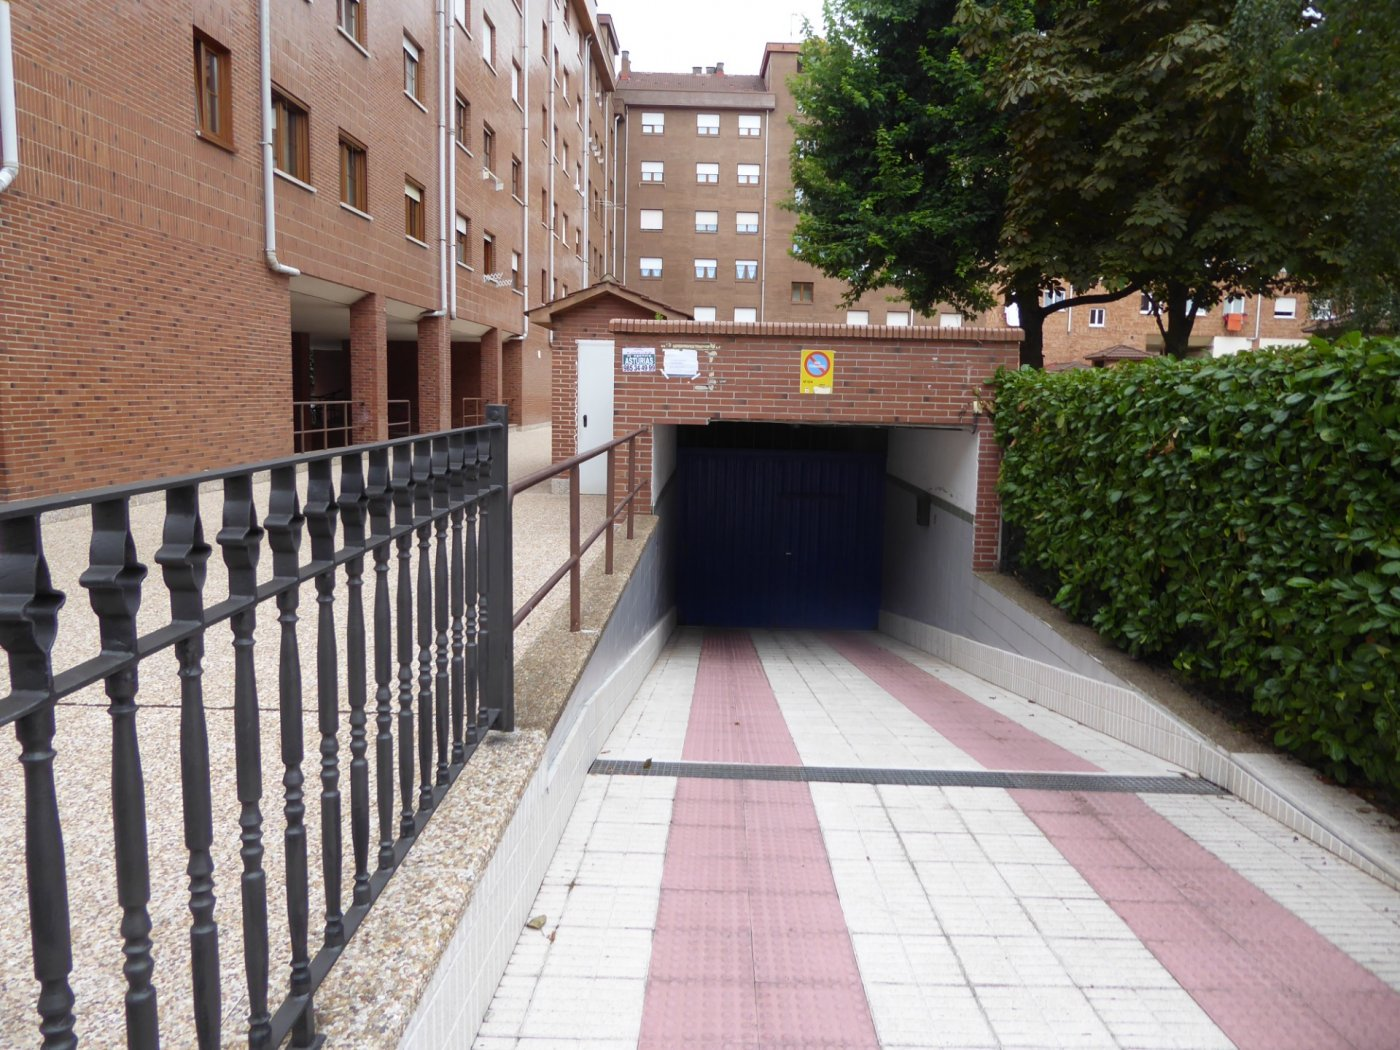 Plaza de garaje en la calle picasso 2-4 - imagenInmueble4